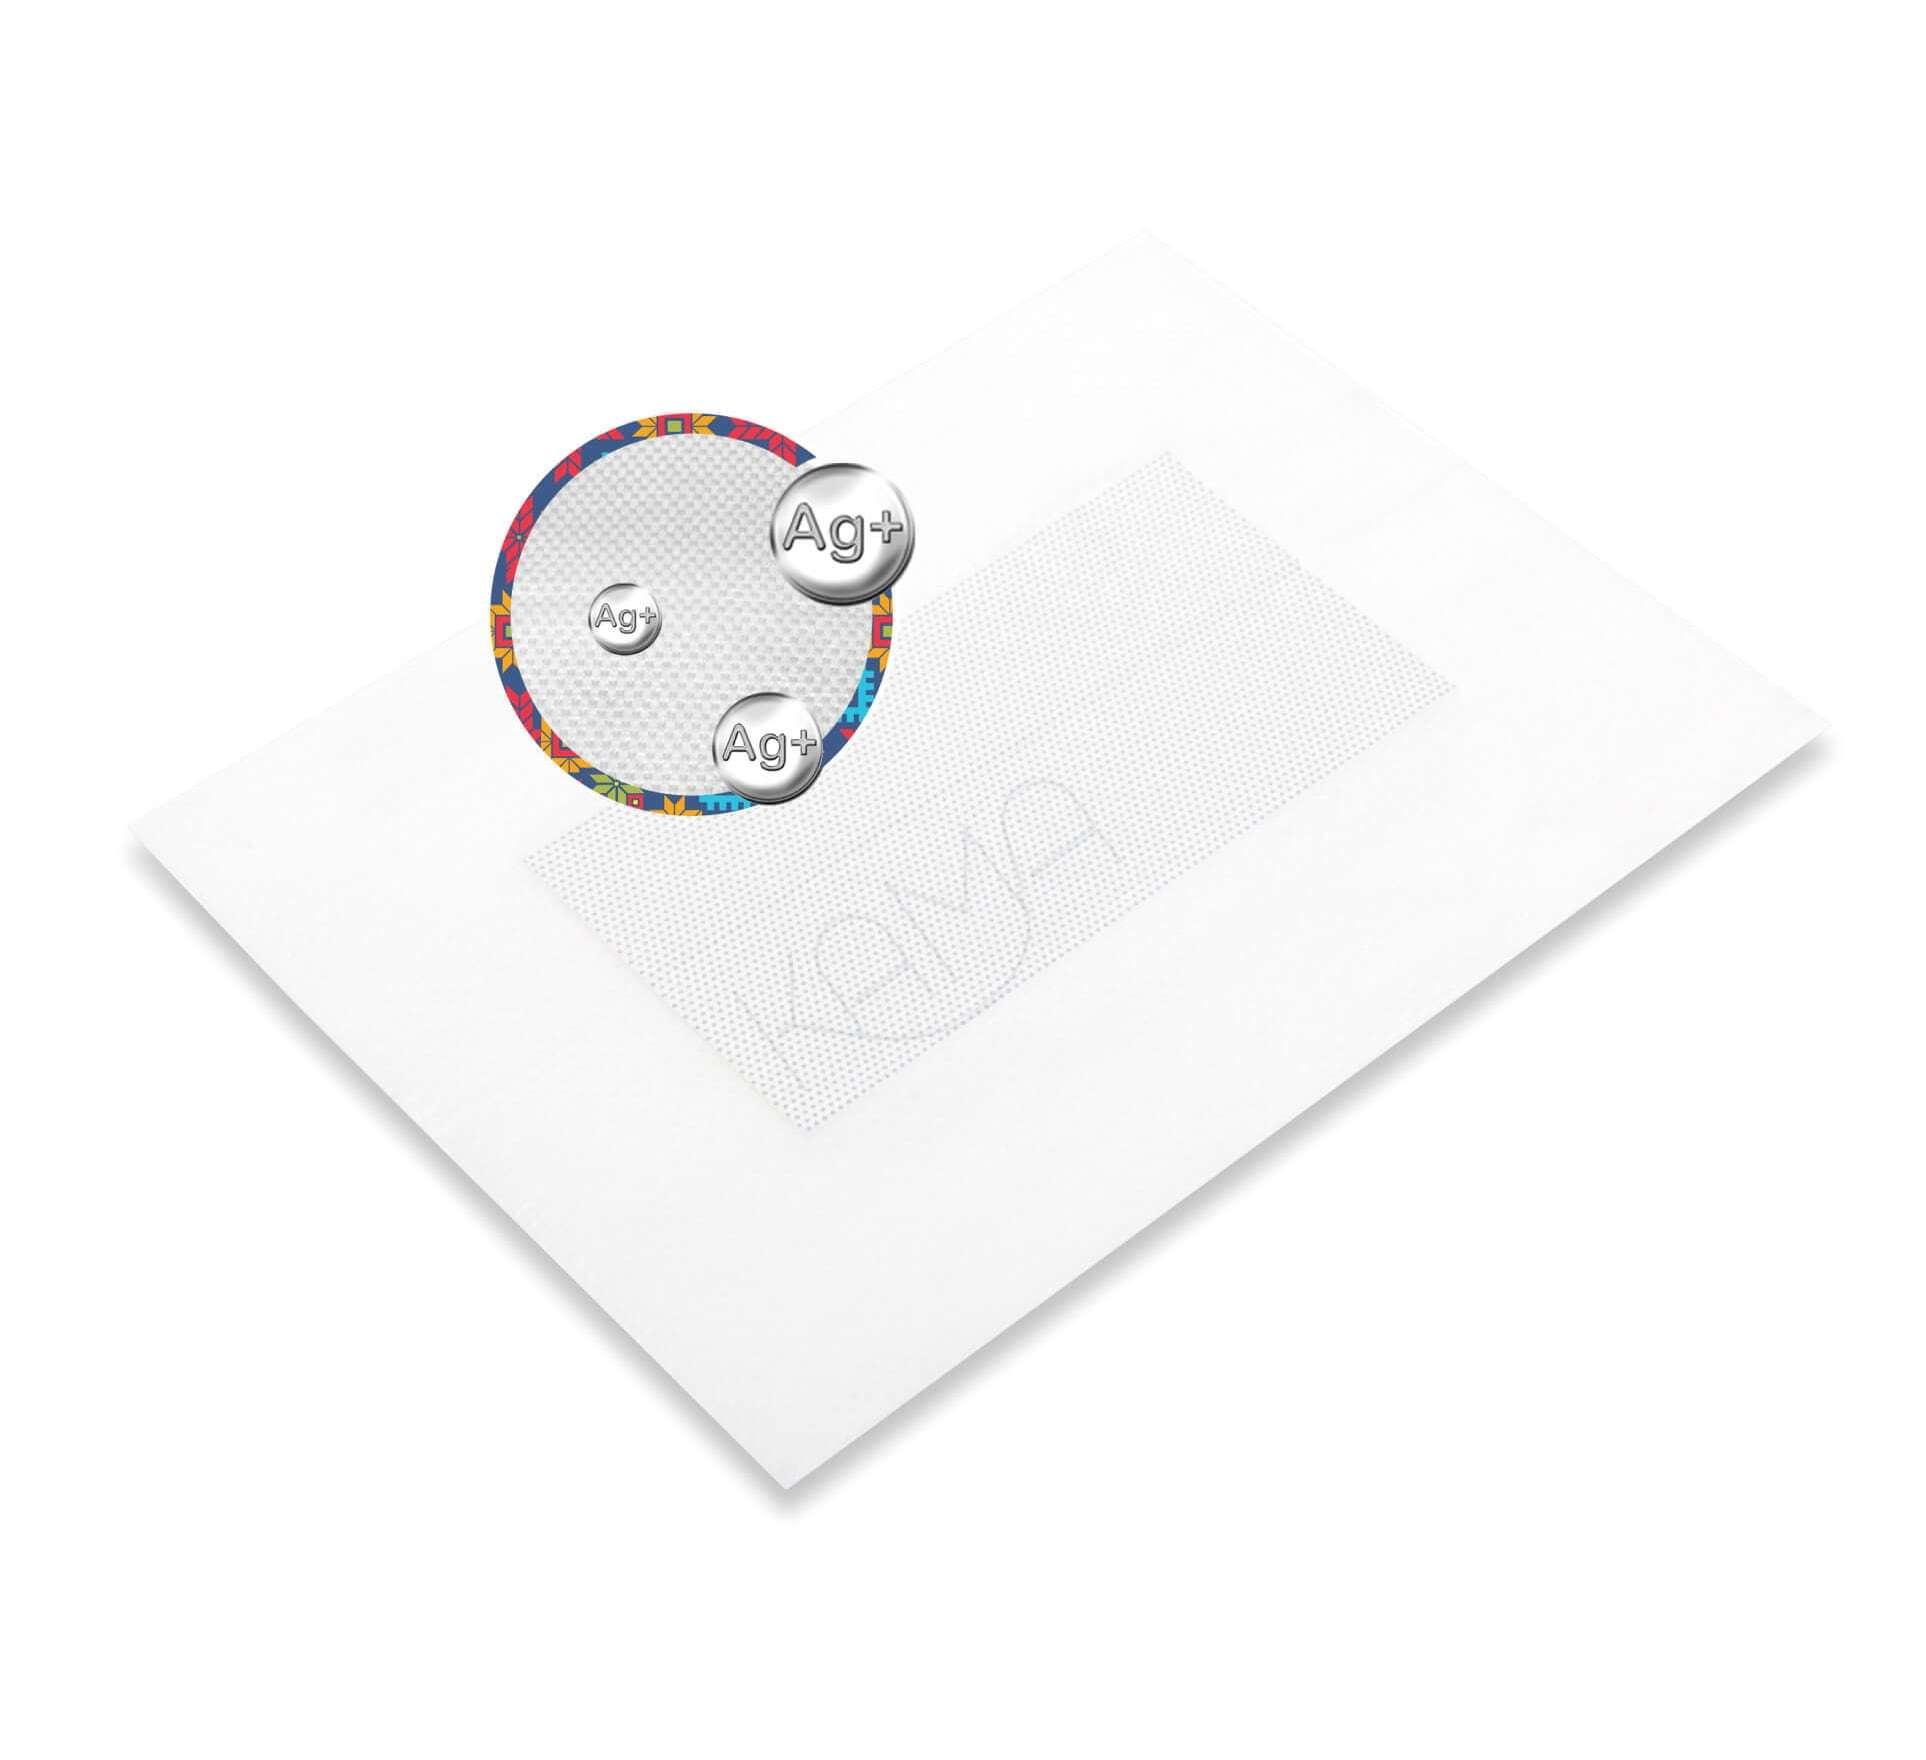 Повязка с серебром послеоперационная пластырная Барьер Аг 5x7 см